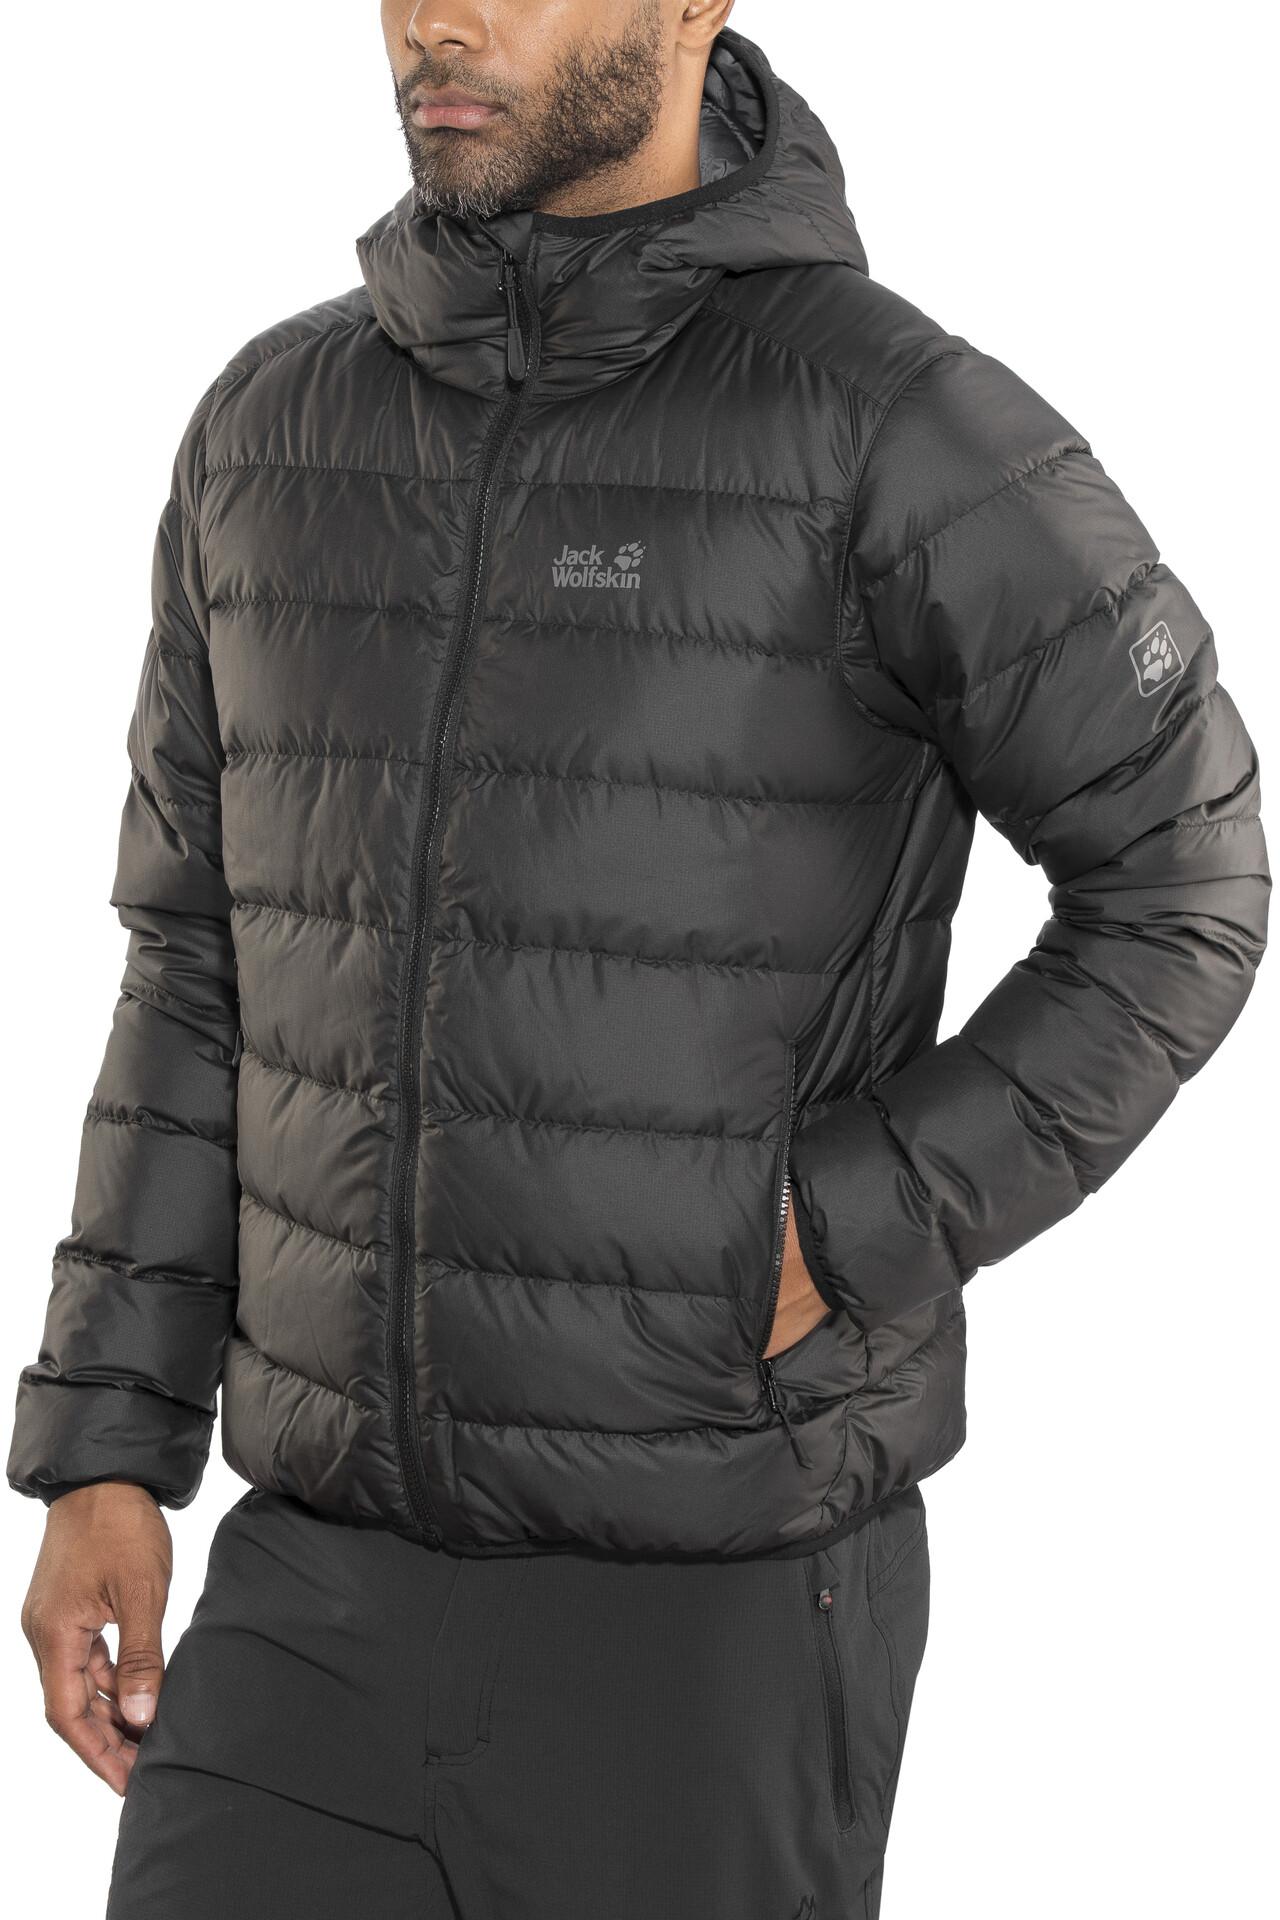 Jack Wolfskin Helium Jacket Herren black